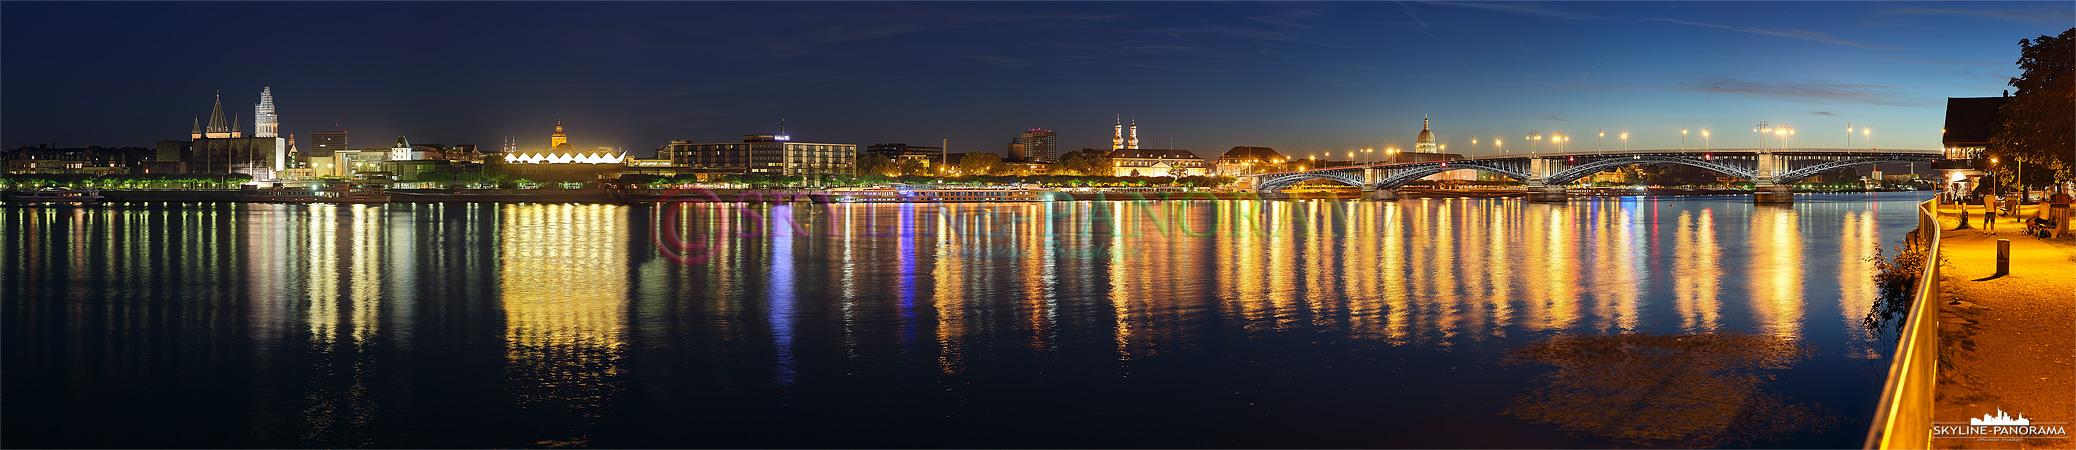 Abendliche Ansicht auf die Innenstadt von Mainz, das Panorama zeigt die Silhouette der rheinland-pfälzischen Landeshauptstadt vom Rheinufer aus kurz nach Sonnenuntergang.